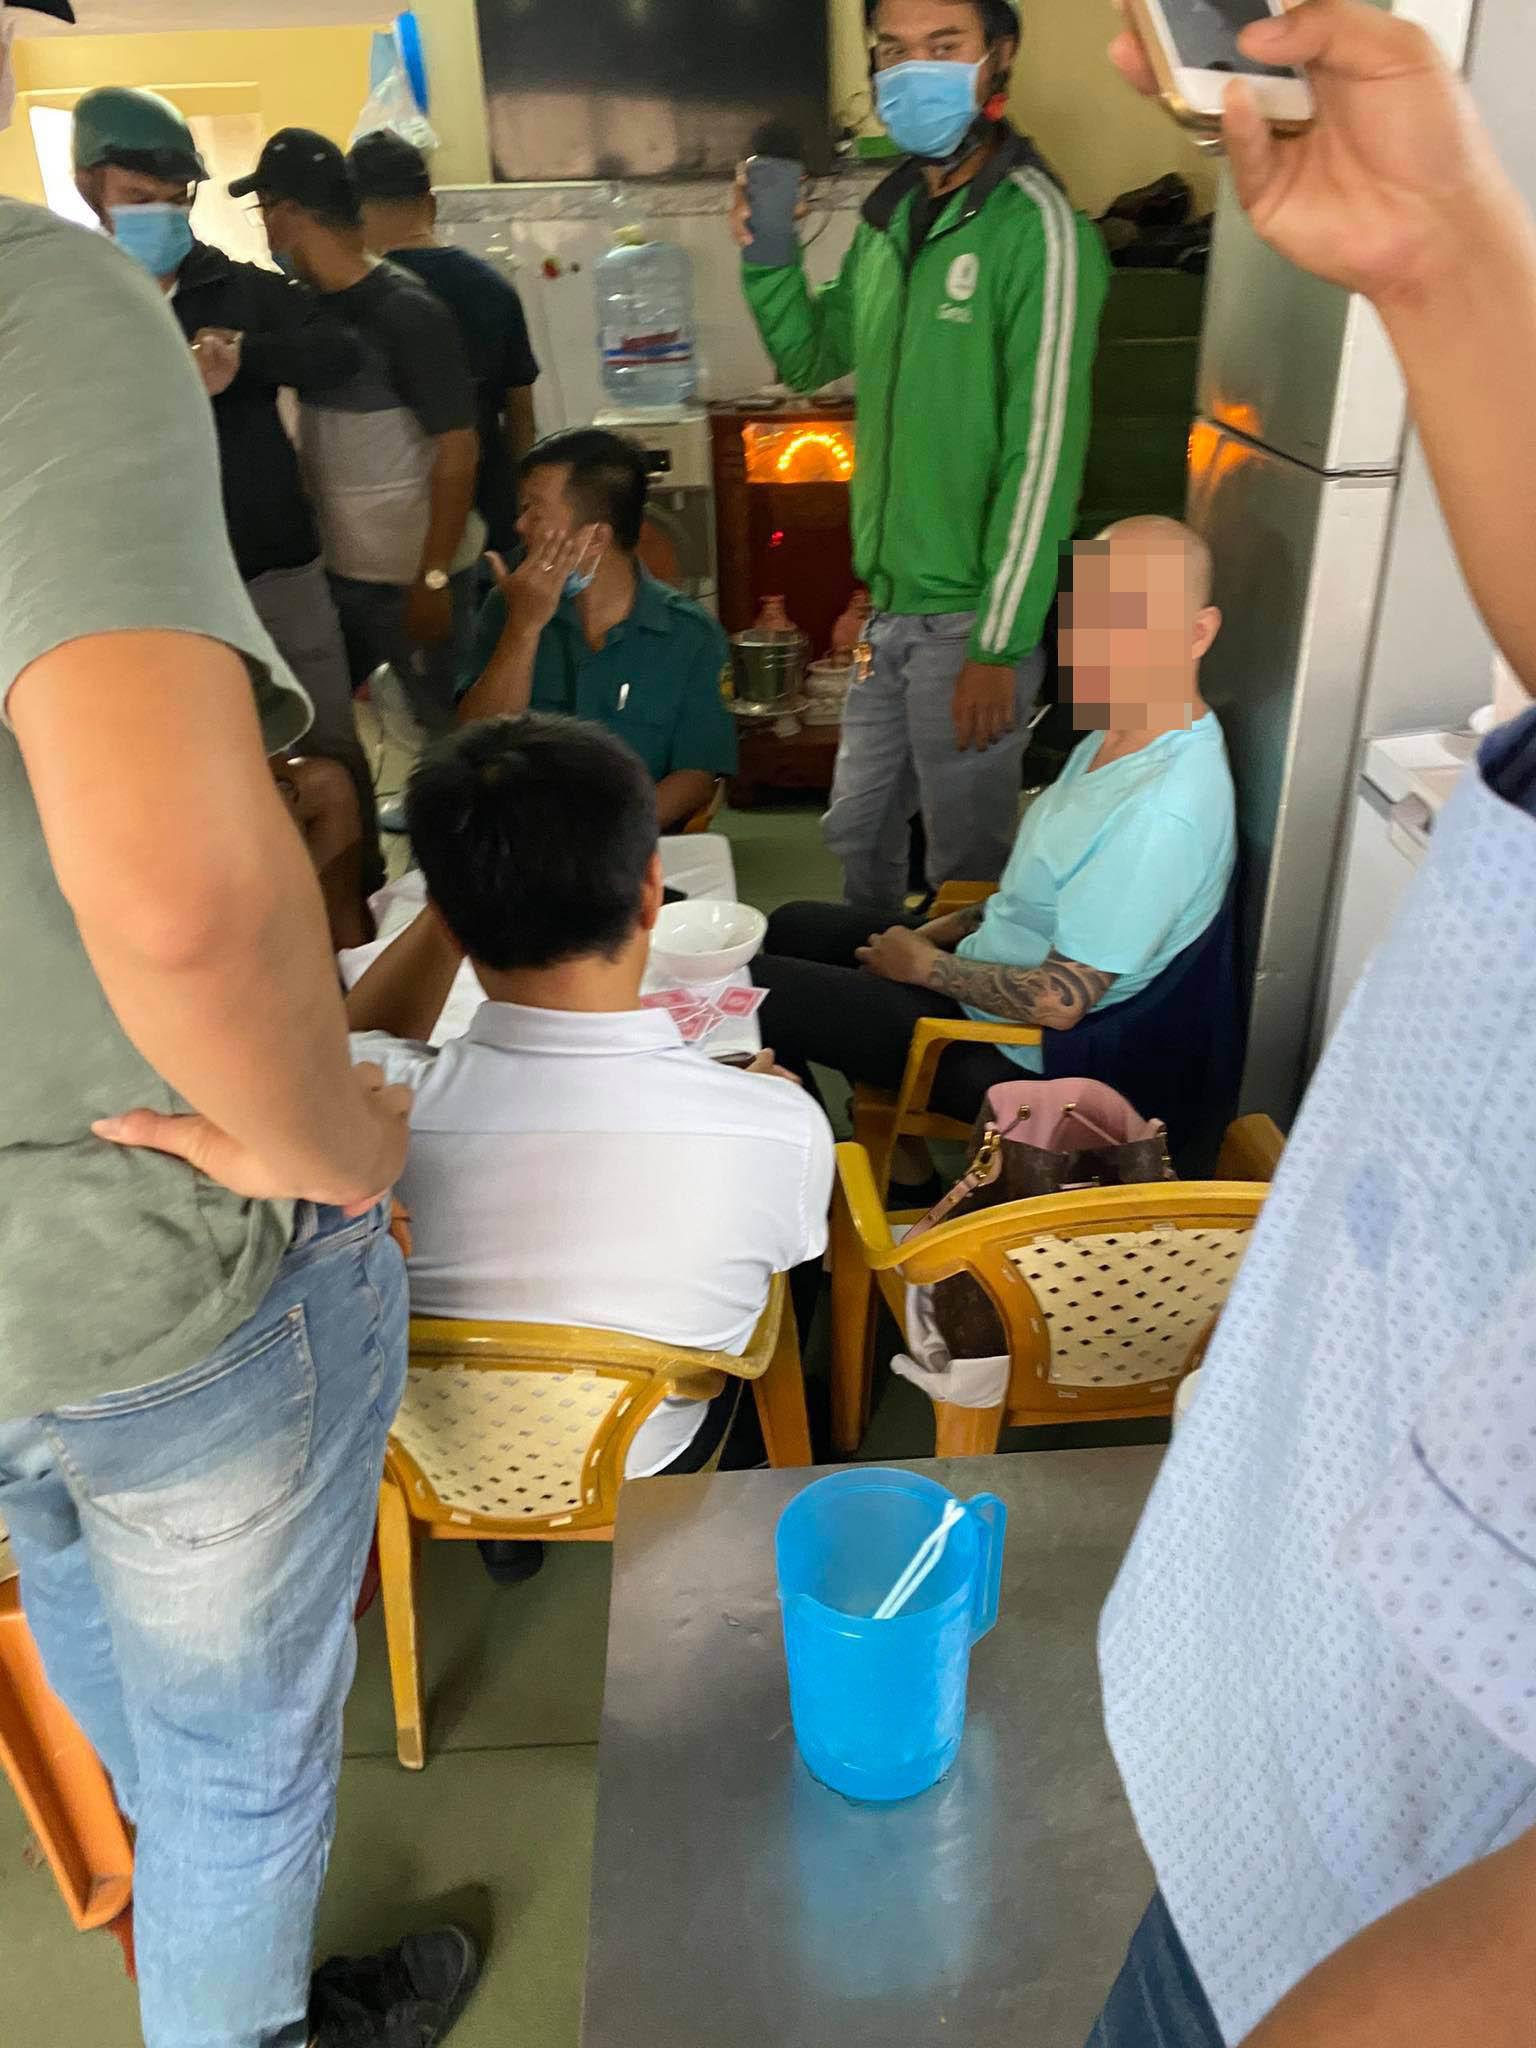 Bắt sòng bạc có cán bộ phường tham gia ở Sài Gòn - Ảnh 1.